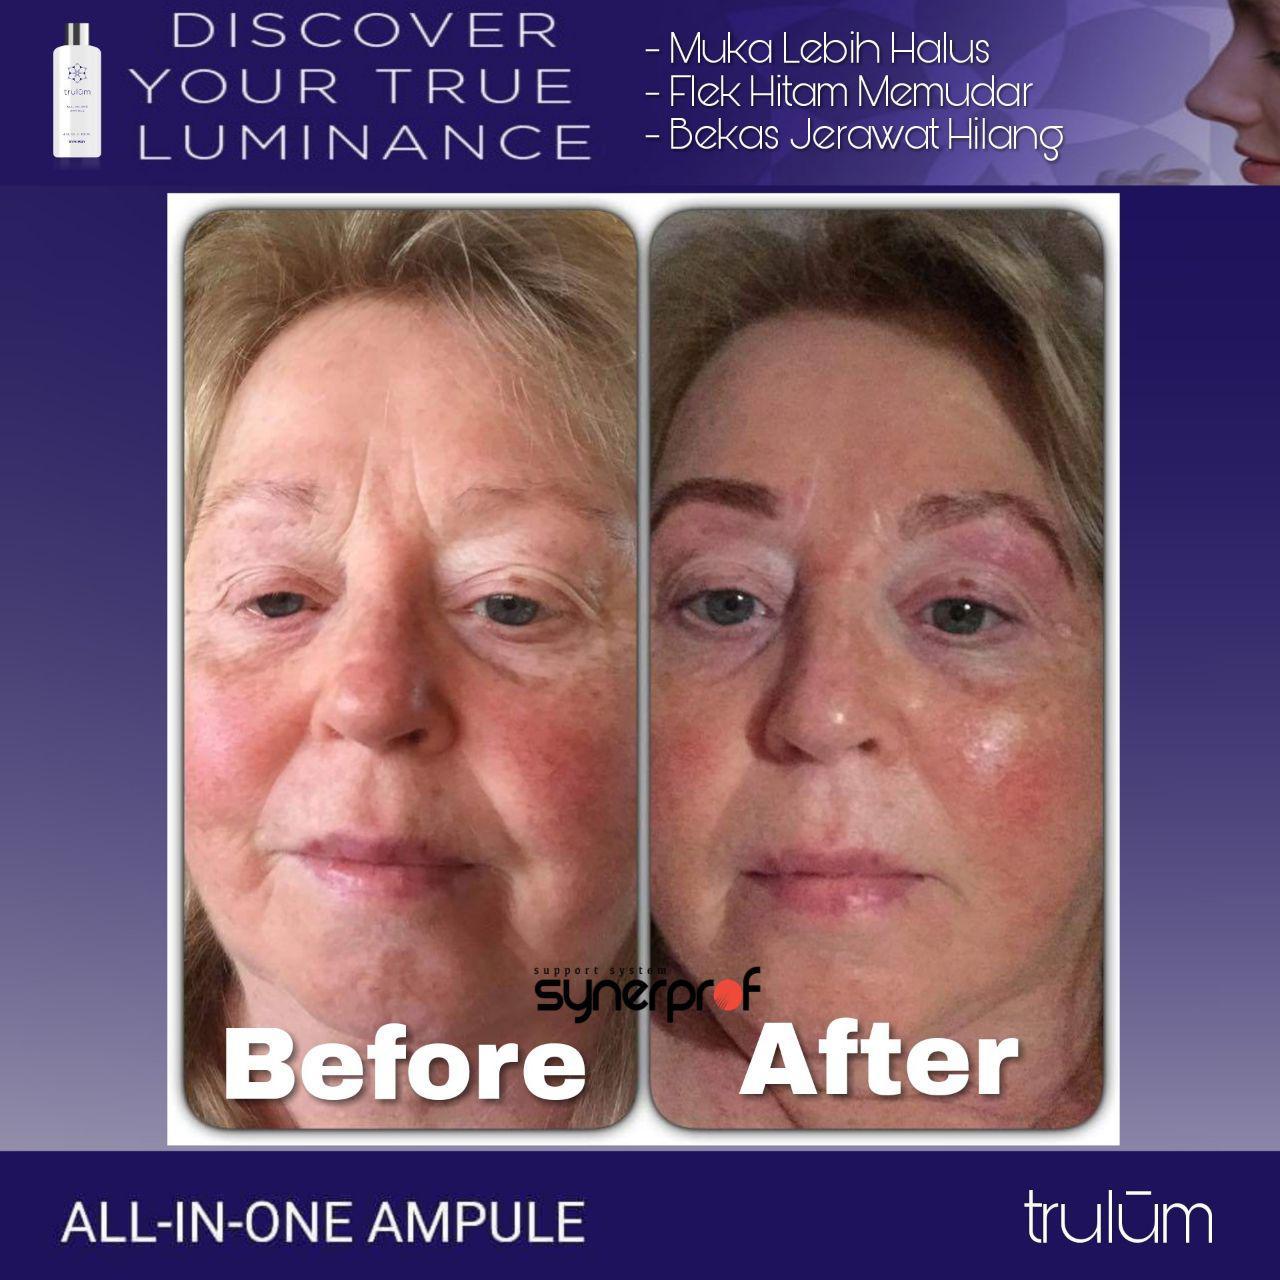 Jual Trulum Skincare Di Kutawaringin WA: 08112338376